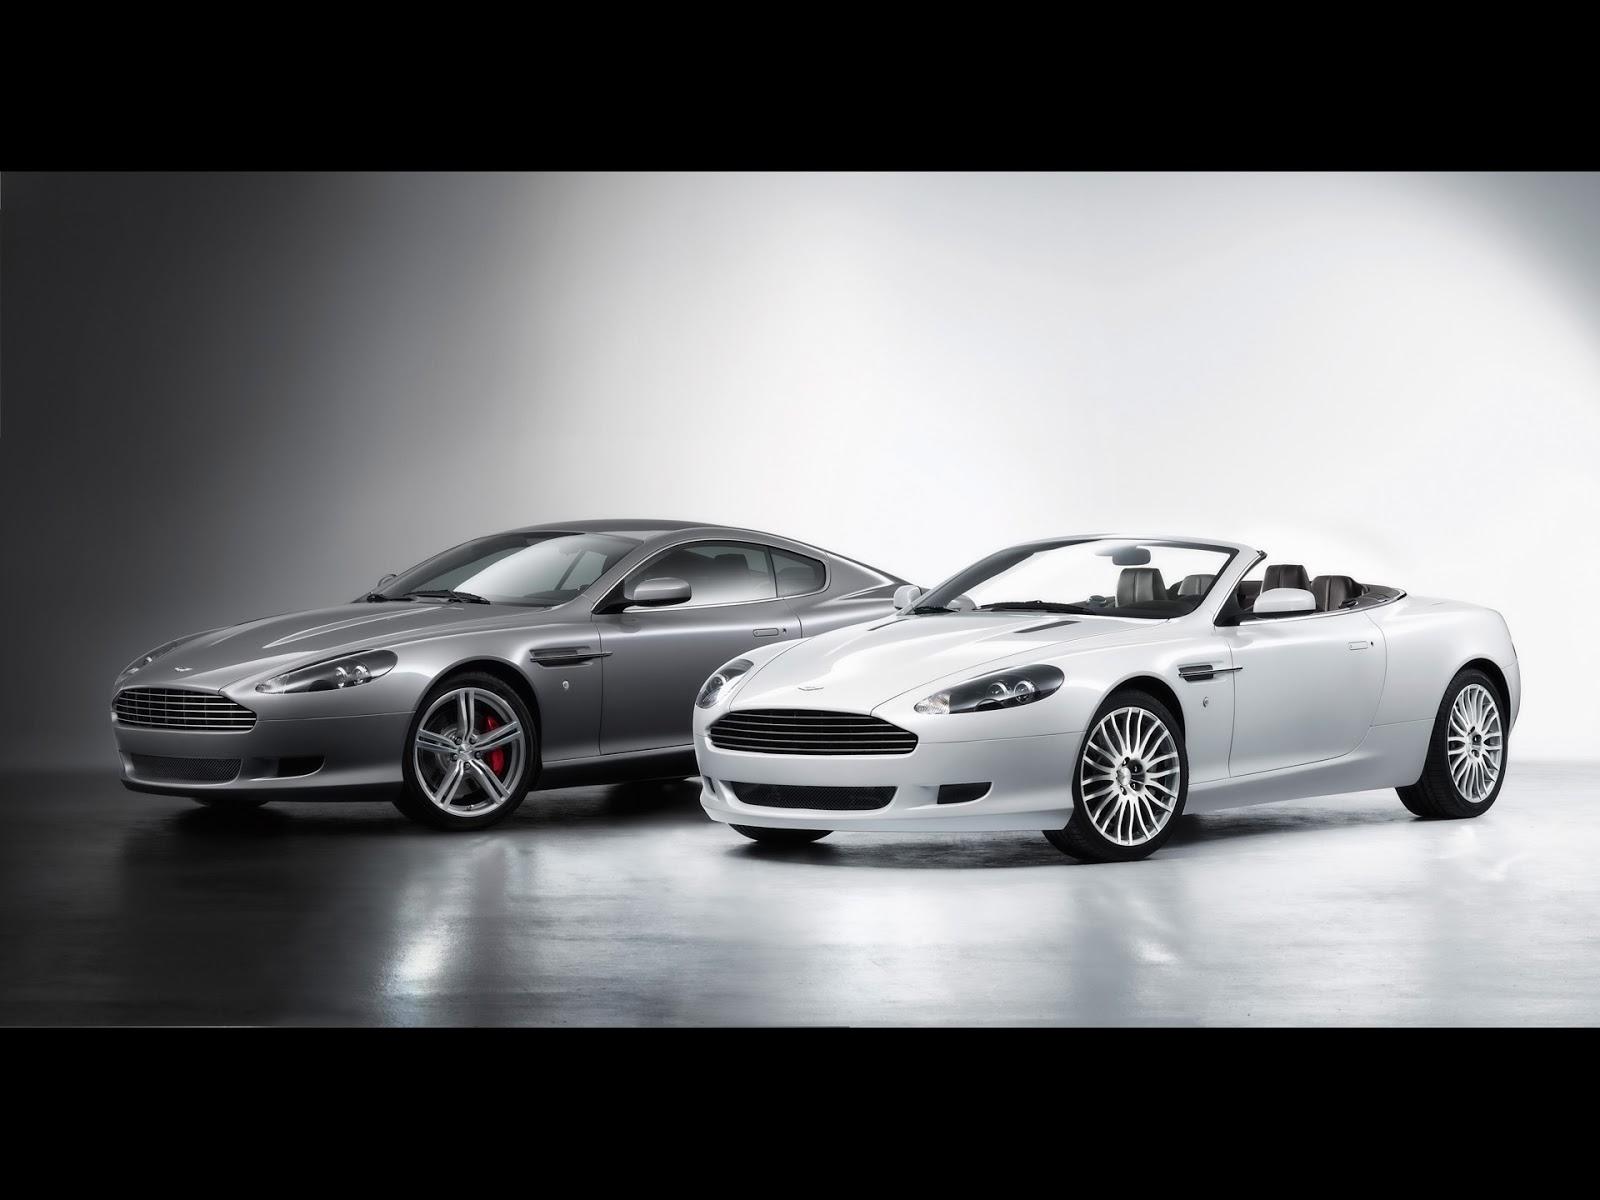 http://2.bp.blogspot.com/-5FPIfQ0otT8/UJ5VzZawWBI/AAAAAAAAGds/bkLOm474X_4/s1600/2008-Aston-Martin-DB9-Duo-1920x1440.jpg